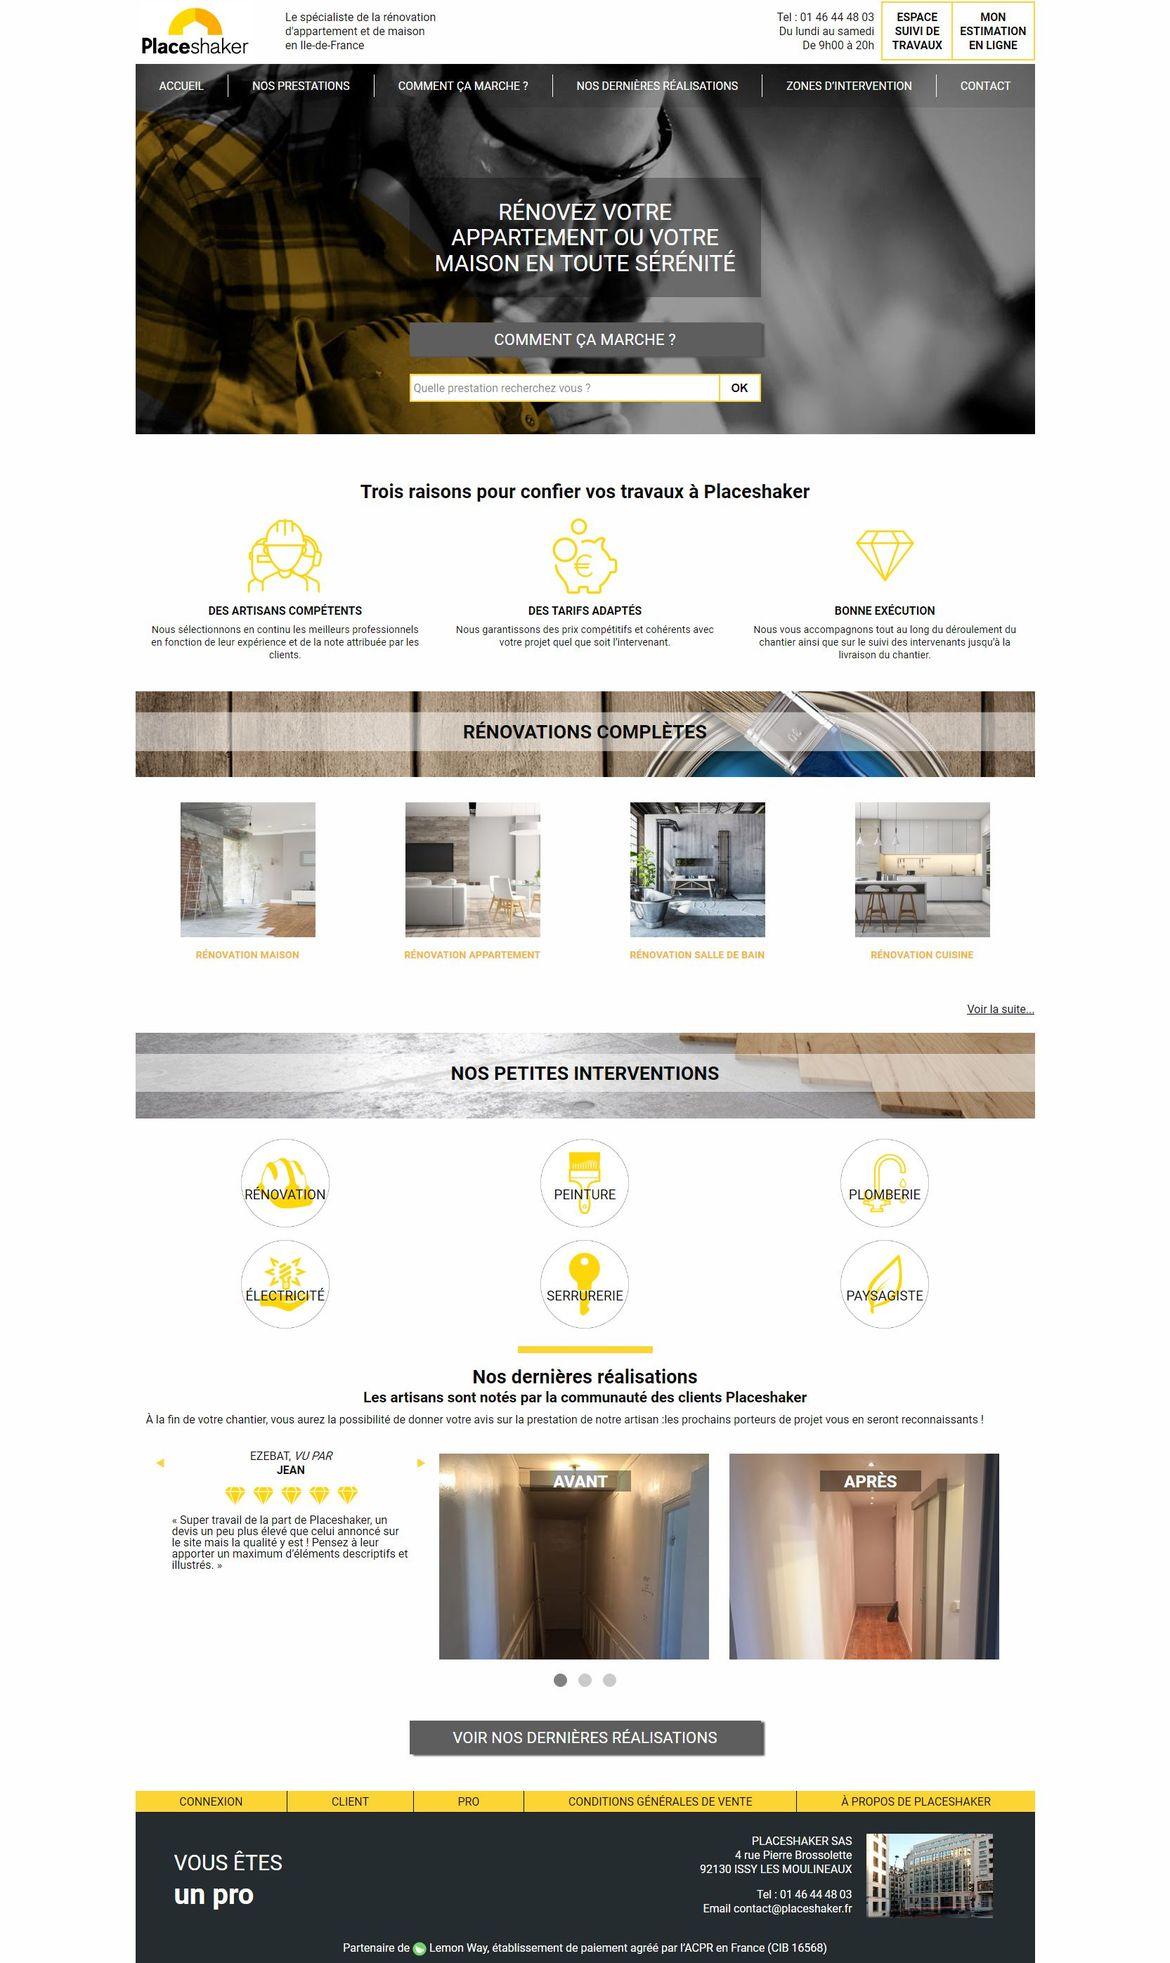 Page d'accueil complète